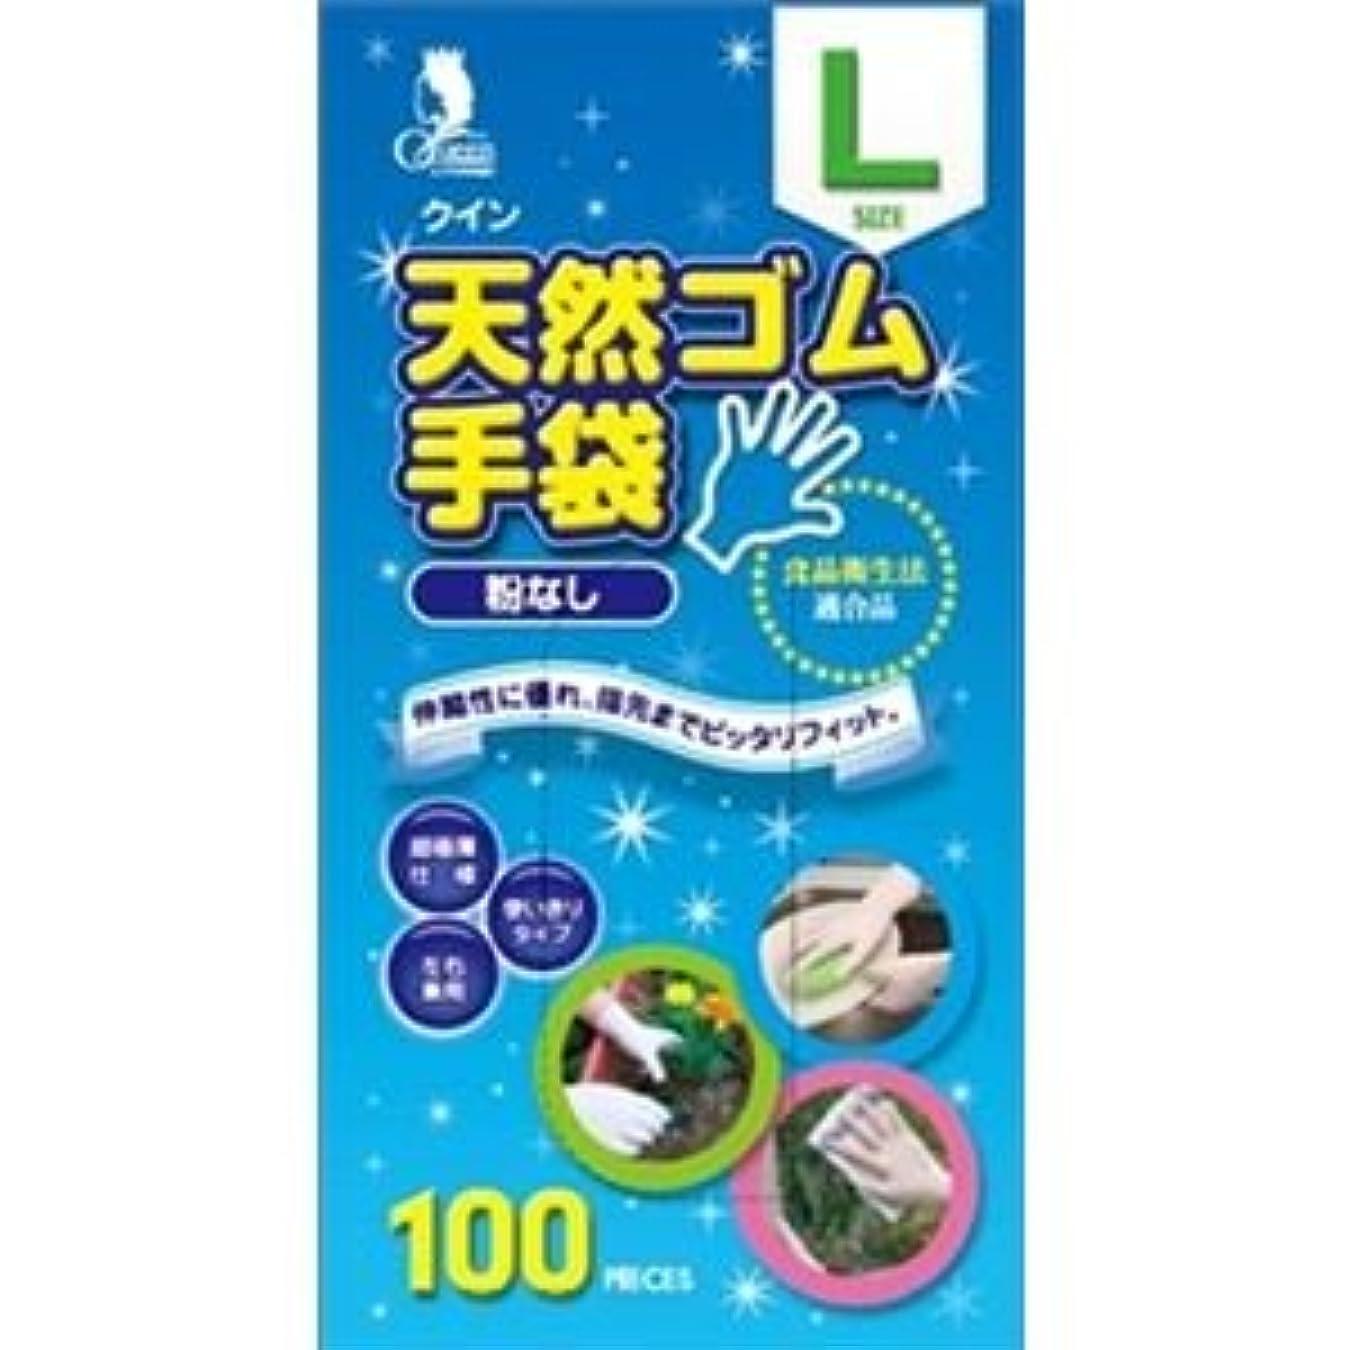 森林ホット緑(まとめ)宇都宮製作 クイン天然ゴム手袋 L 100枚入 (N) 【×3点セット】